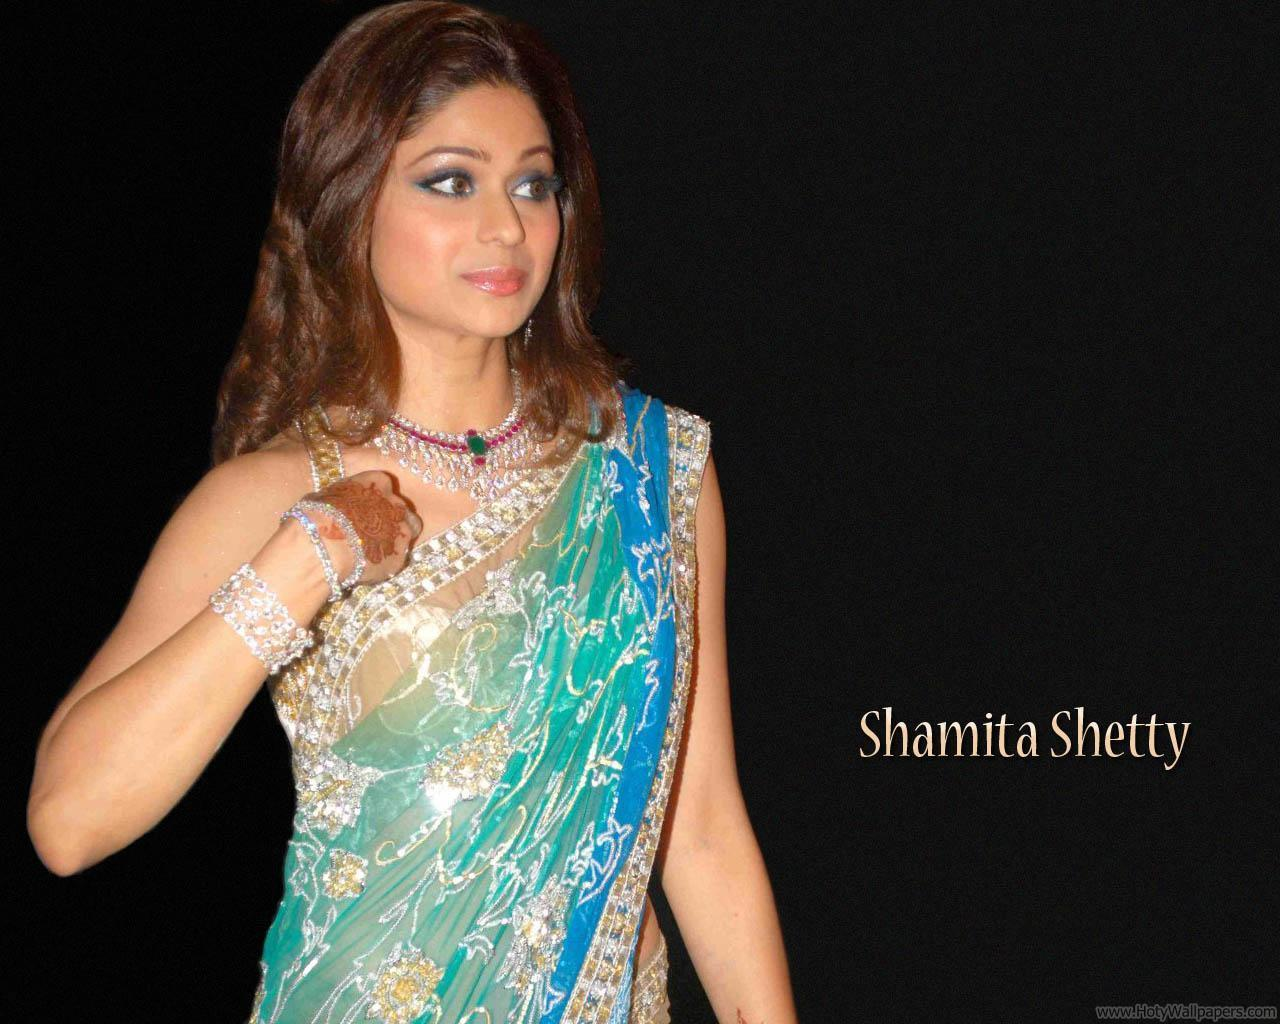 http://3.bp.blogspot.com/-ZH3M8nE5zfA/Tw7Xcp4UbKI/AAAAAAAAR-s/B2QSIpMgMFs/s1600/shamita_shetty_hd_wallpaper_in_sari.jpg